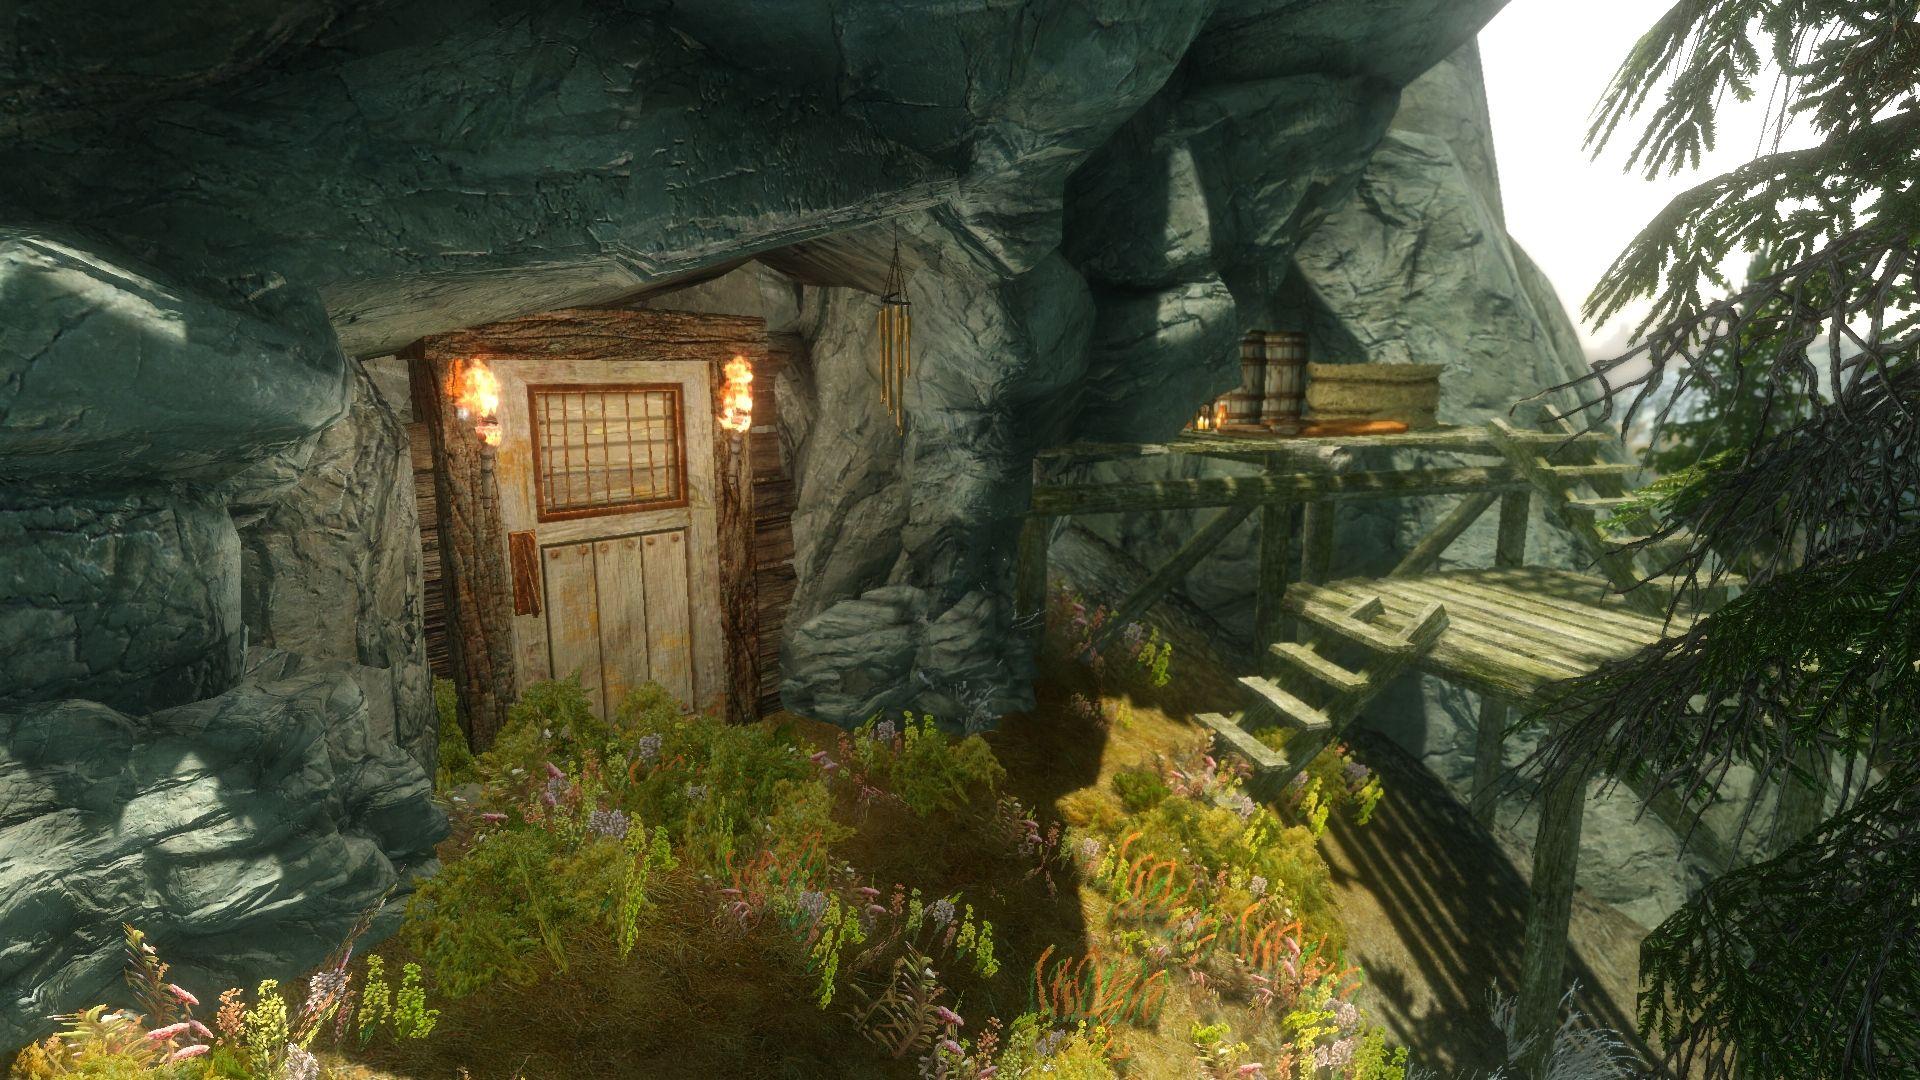 Vagabond's Retreat - Adventurer's Home in the Whiterun